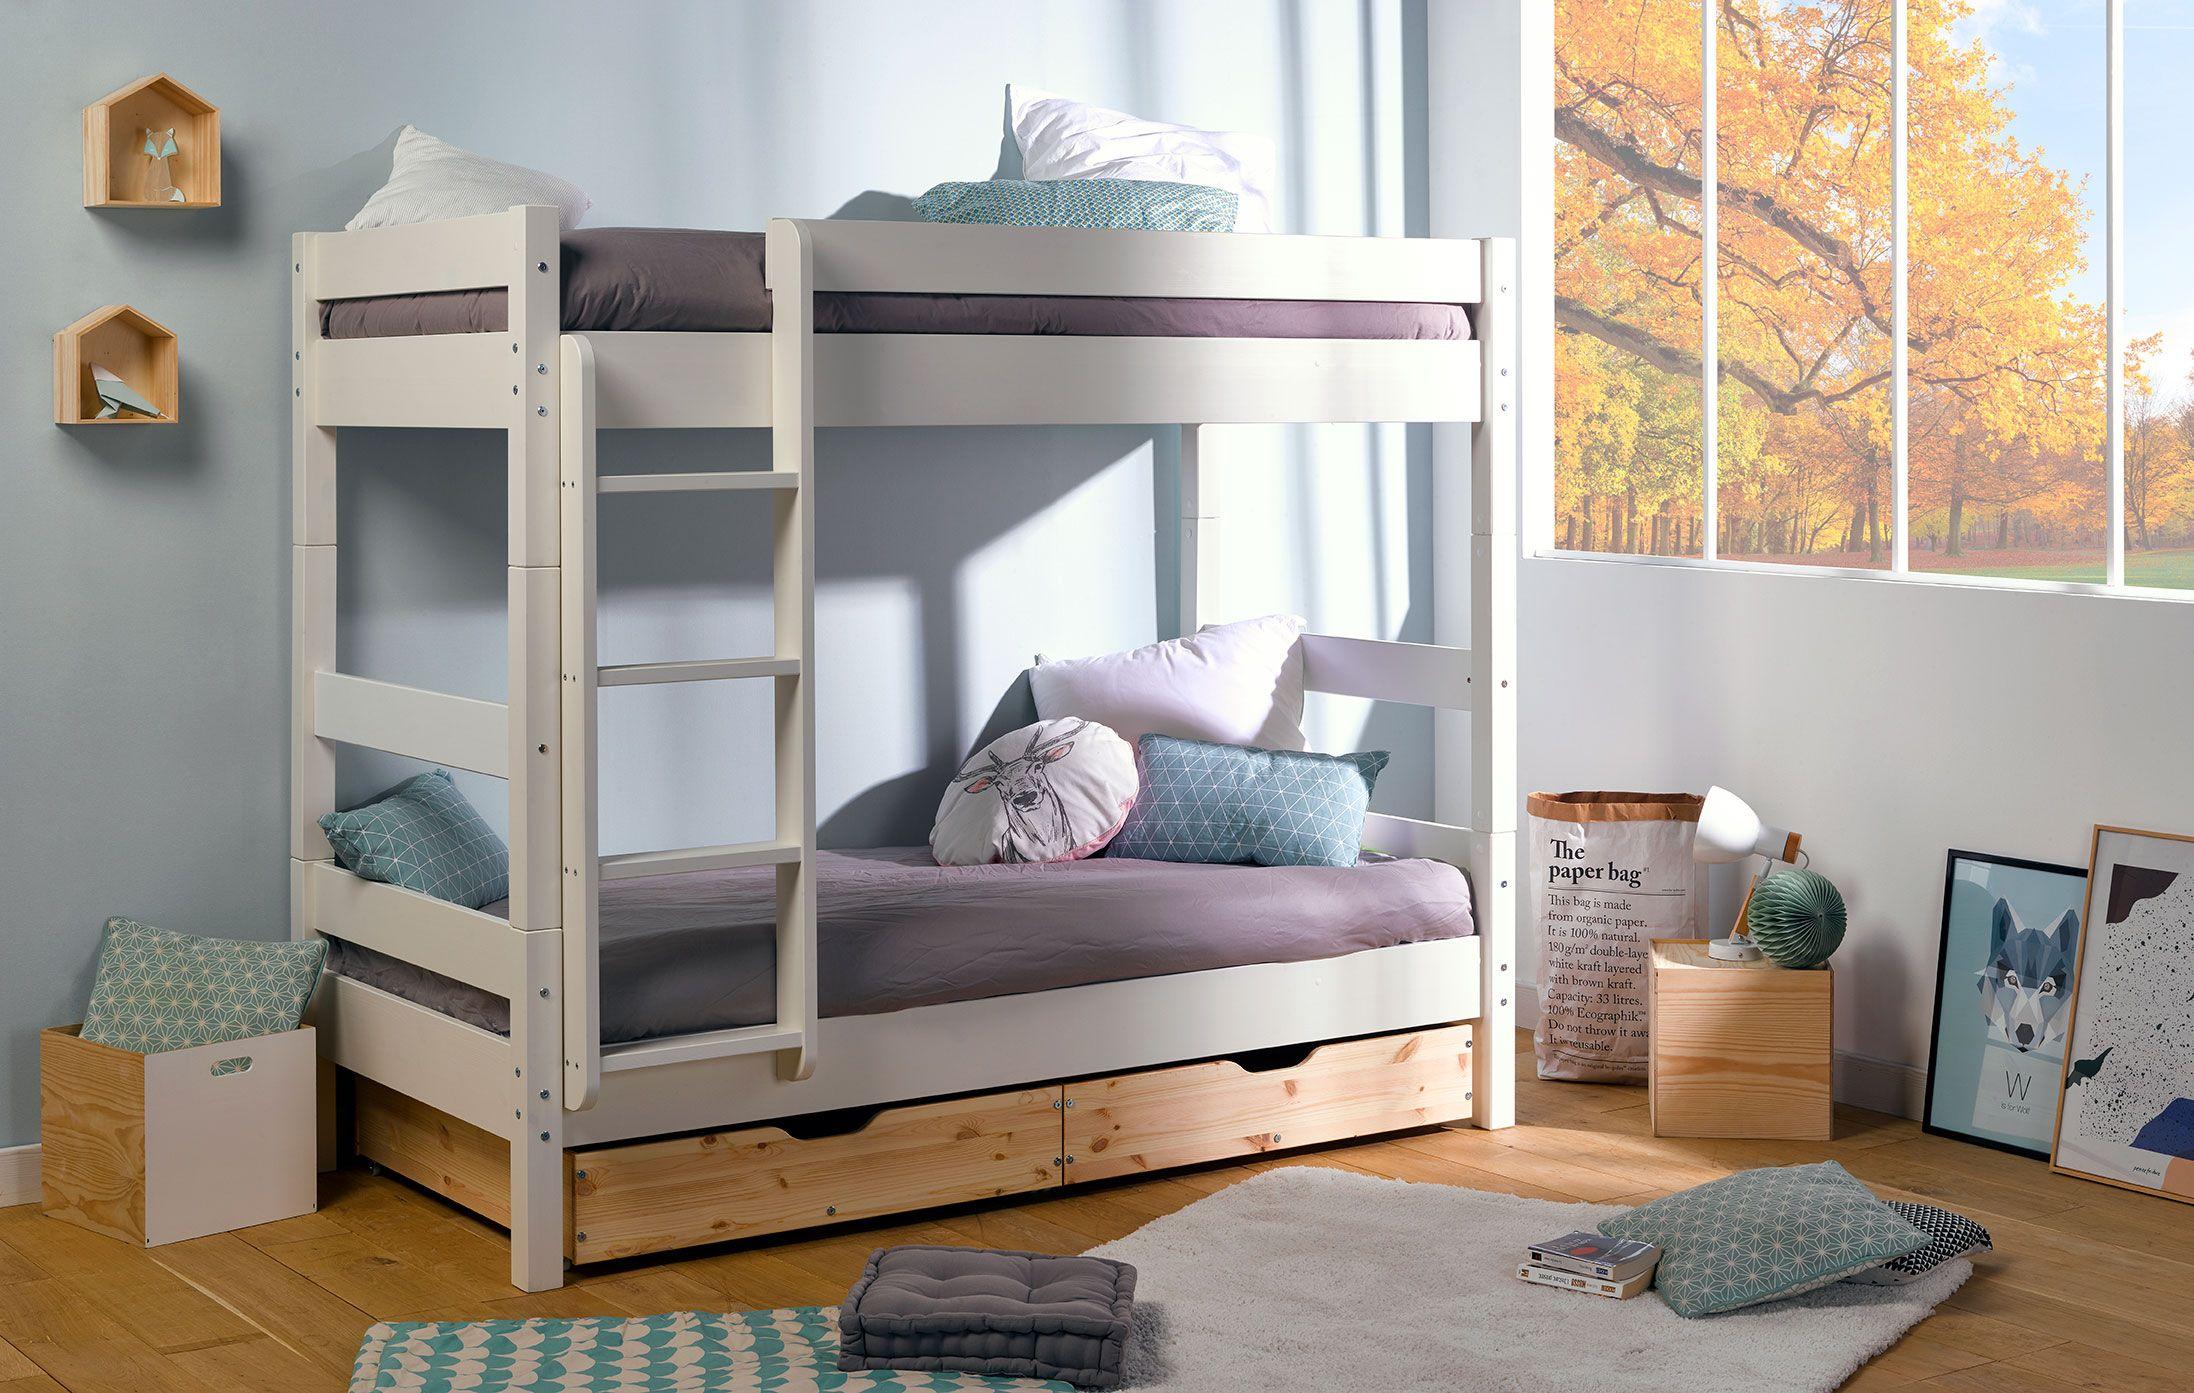 chambre d'enfant  lit cabane avec images  lit